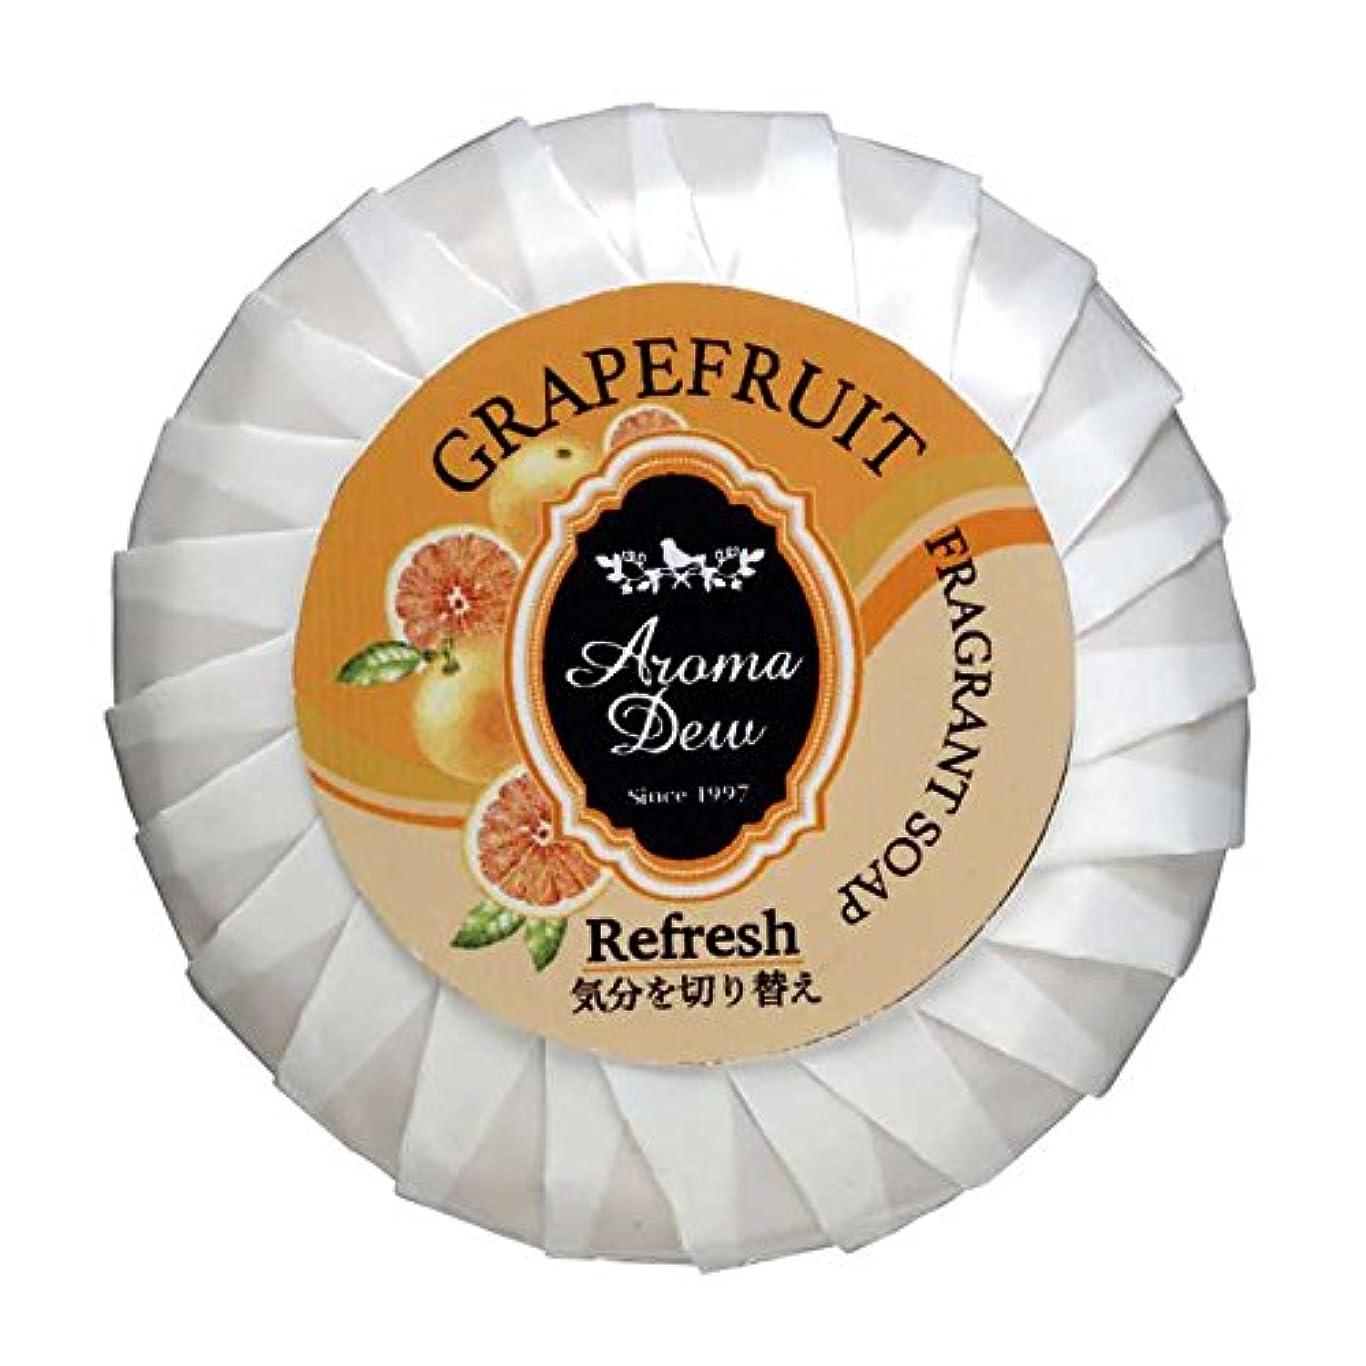 憂鬱な母バットアロマデュウ フレグラントソープ グレープフルーツの香り 100g